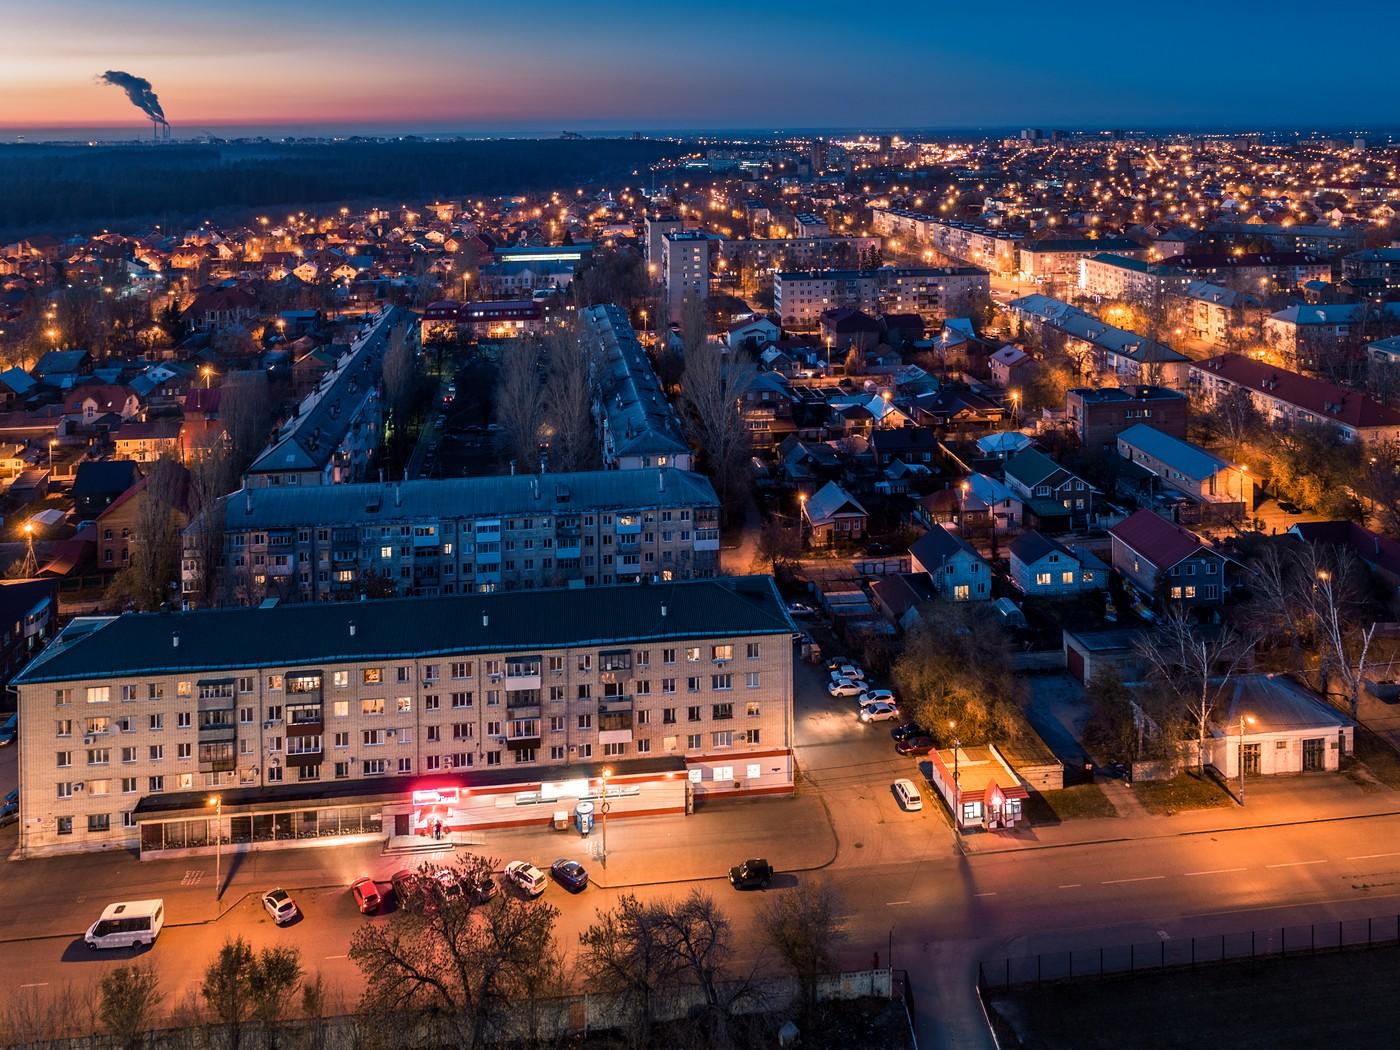 сожадению, тольятти комсомольский район фото есть хоть намеки